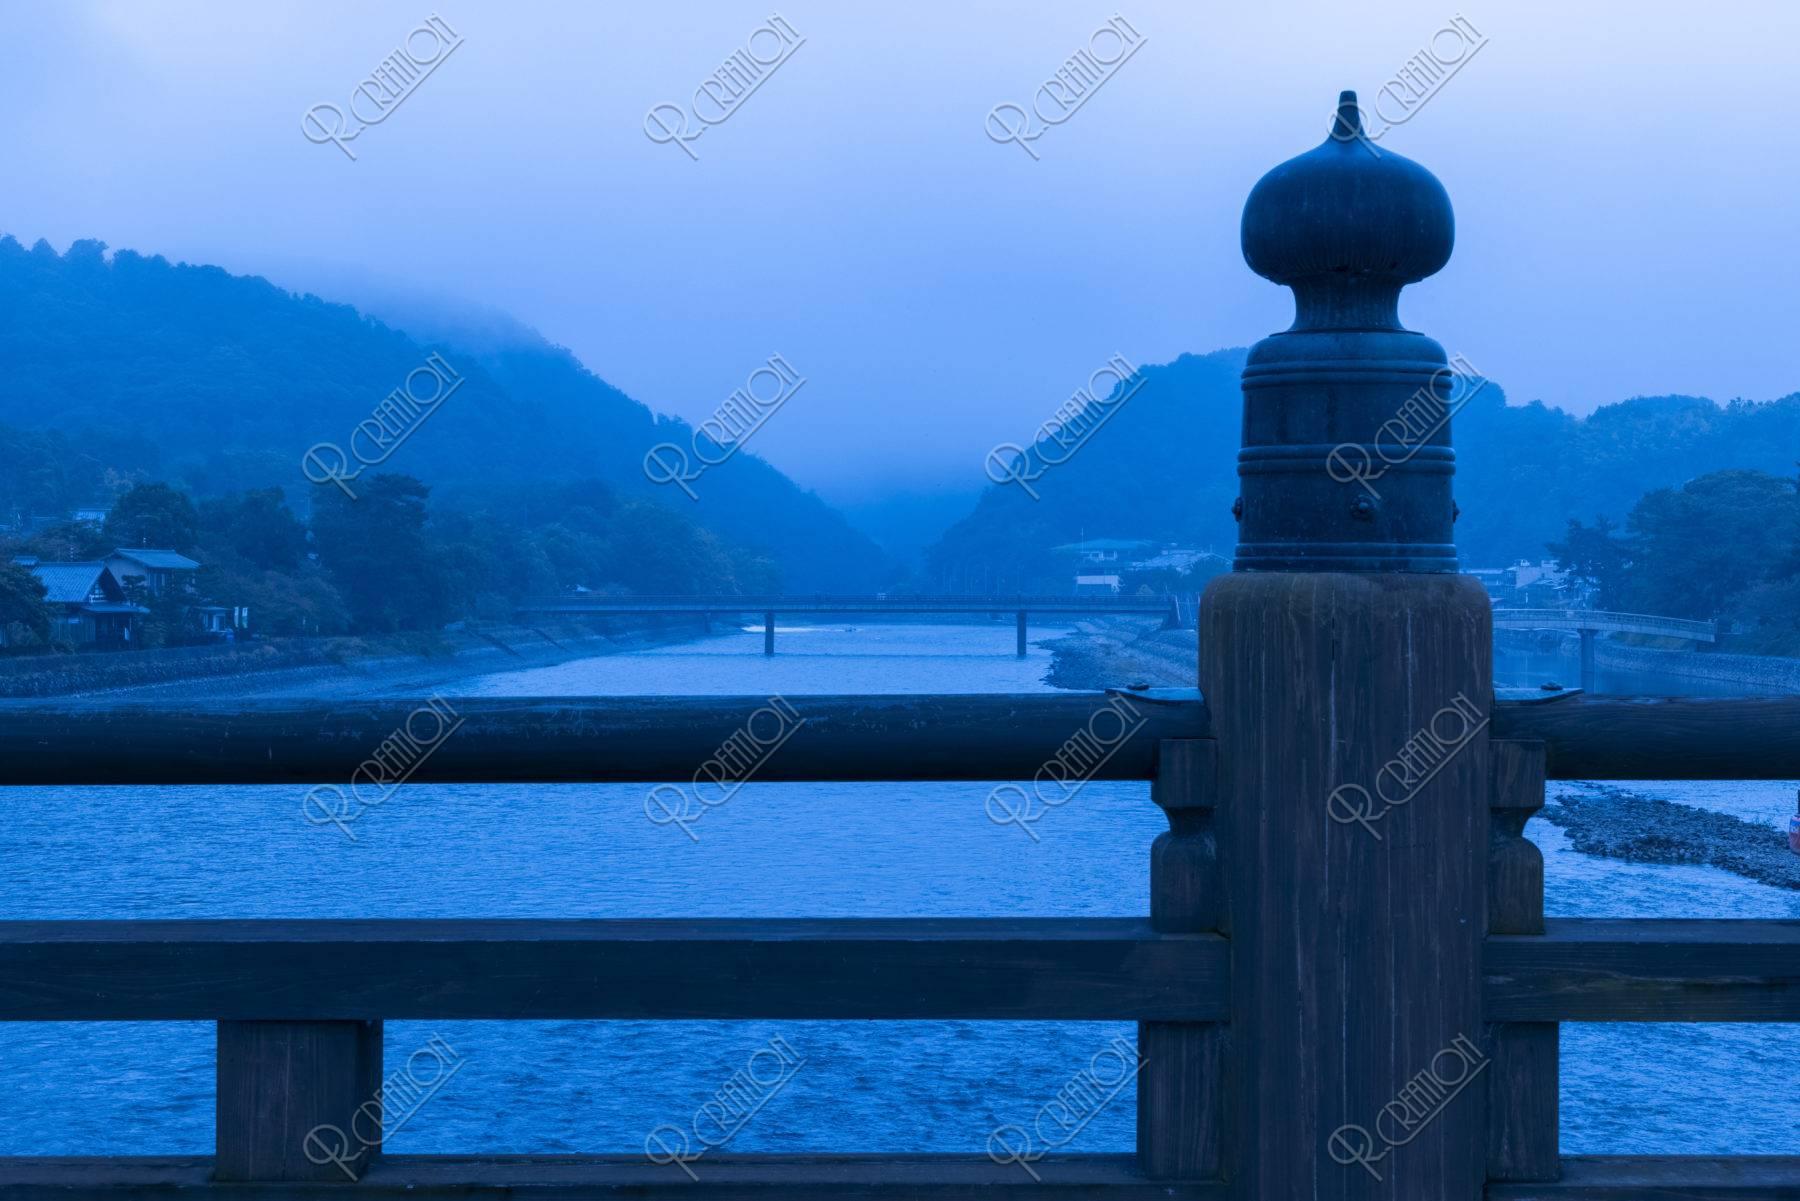 宇治橋からの宇治川の朝霧